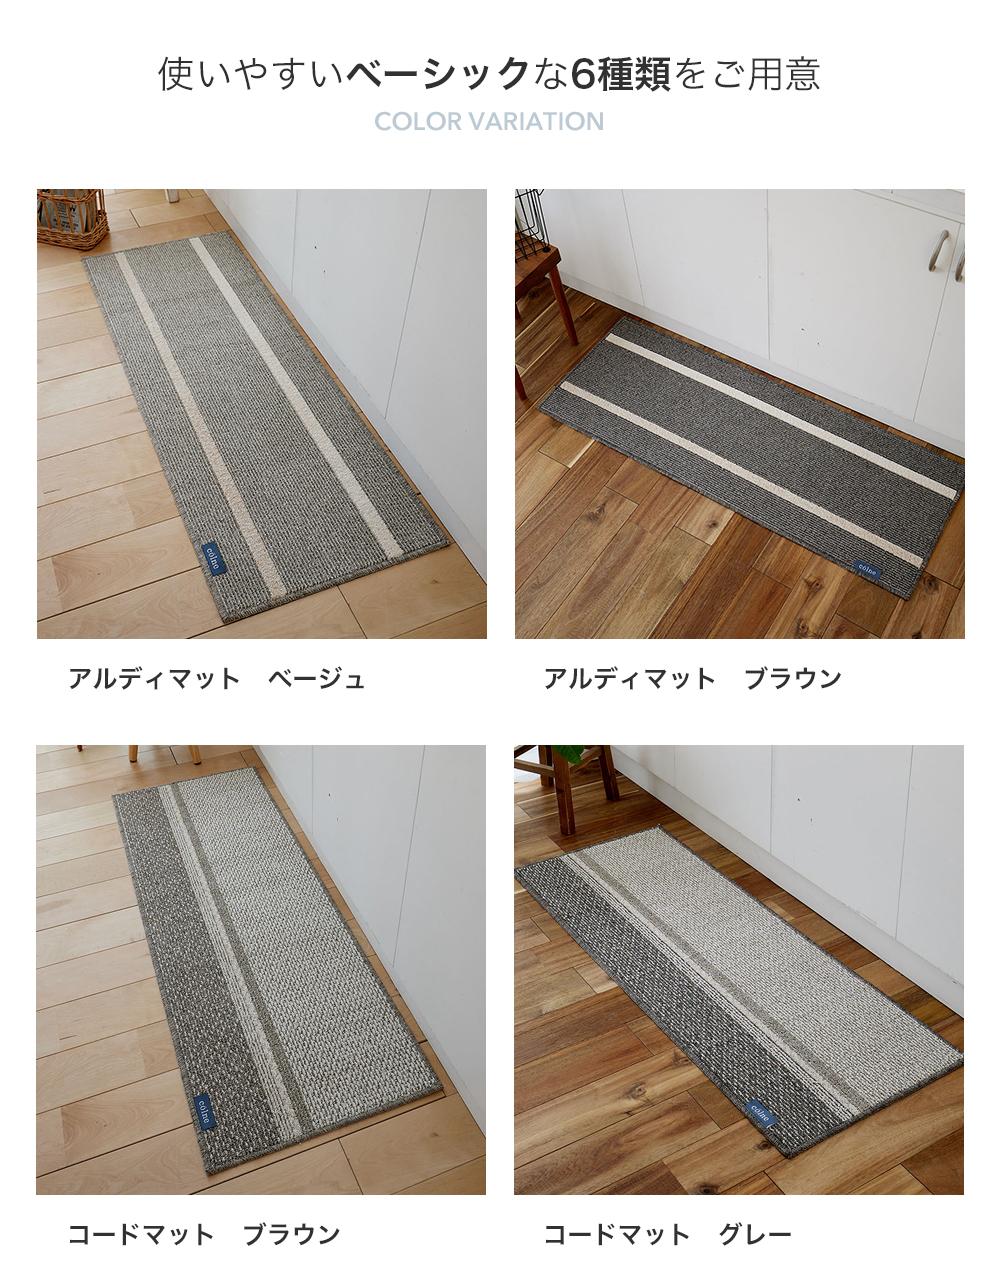 キッチンマット colne 45x180cm